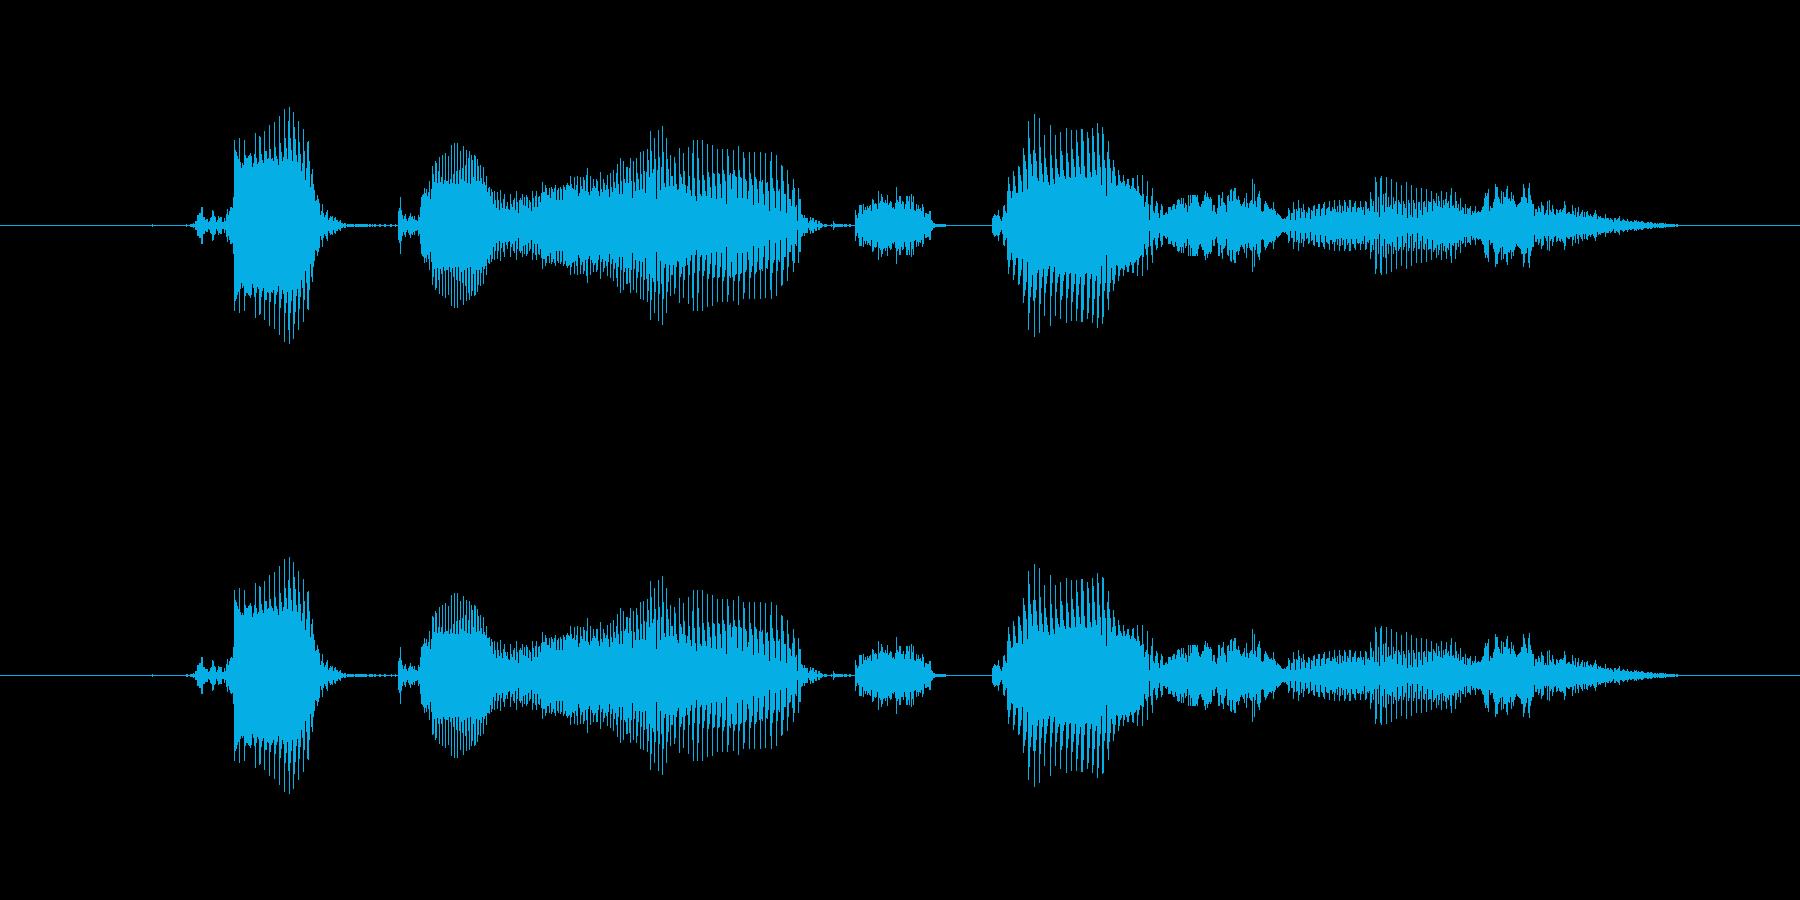 【時報・時間】6時をお伝えしますの再生済みの波形